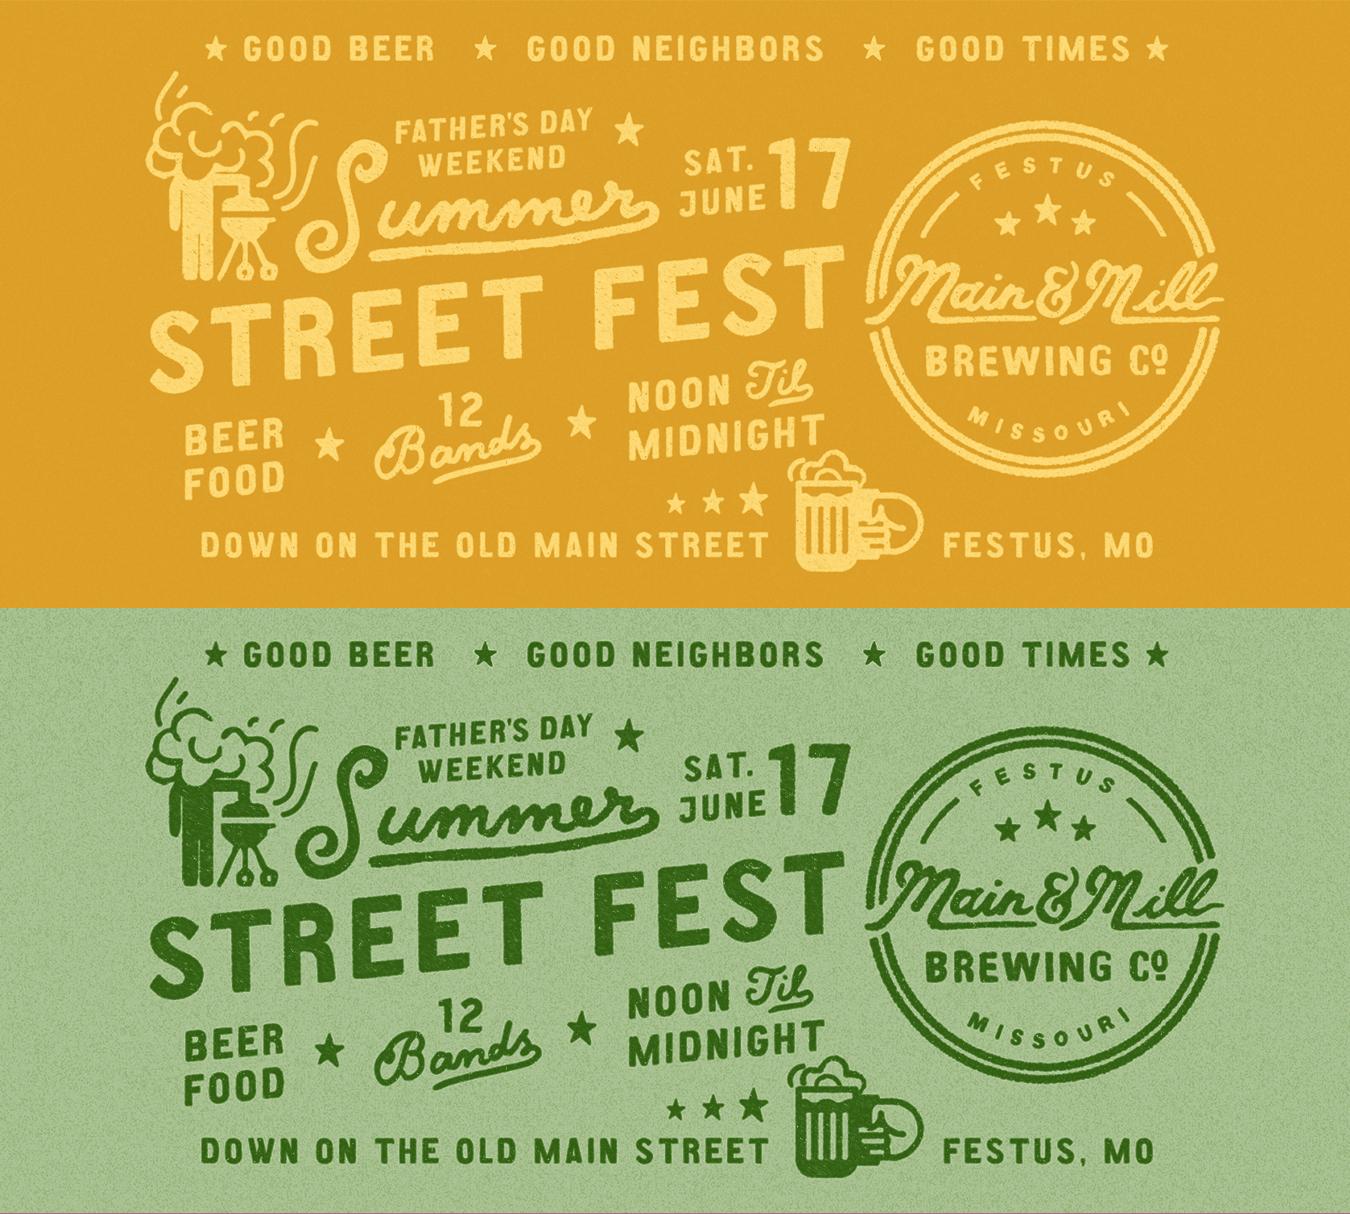 Streetfestfull02